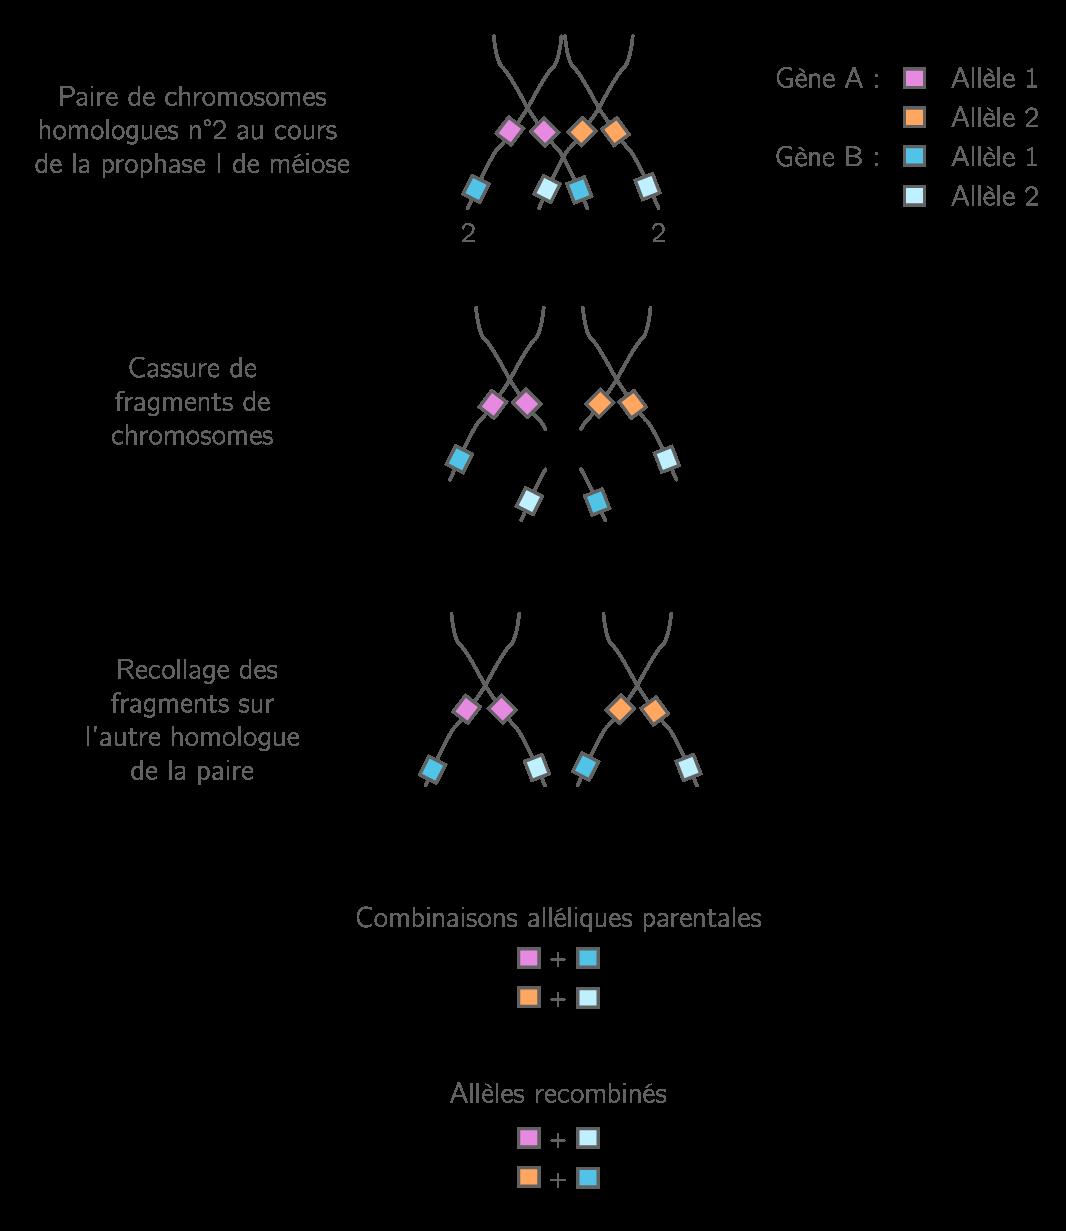 Le brassage intrachromosomique par le crossing-over ou enjambement